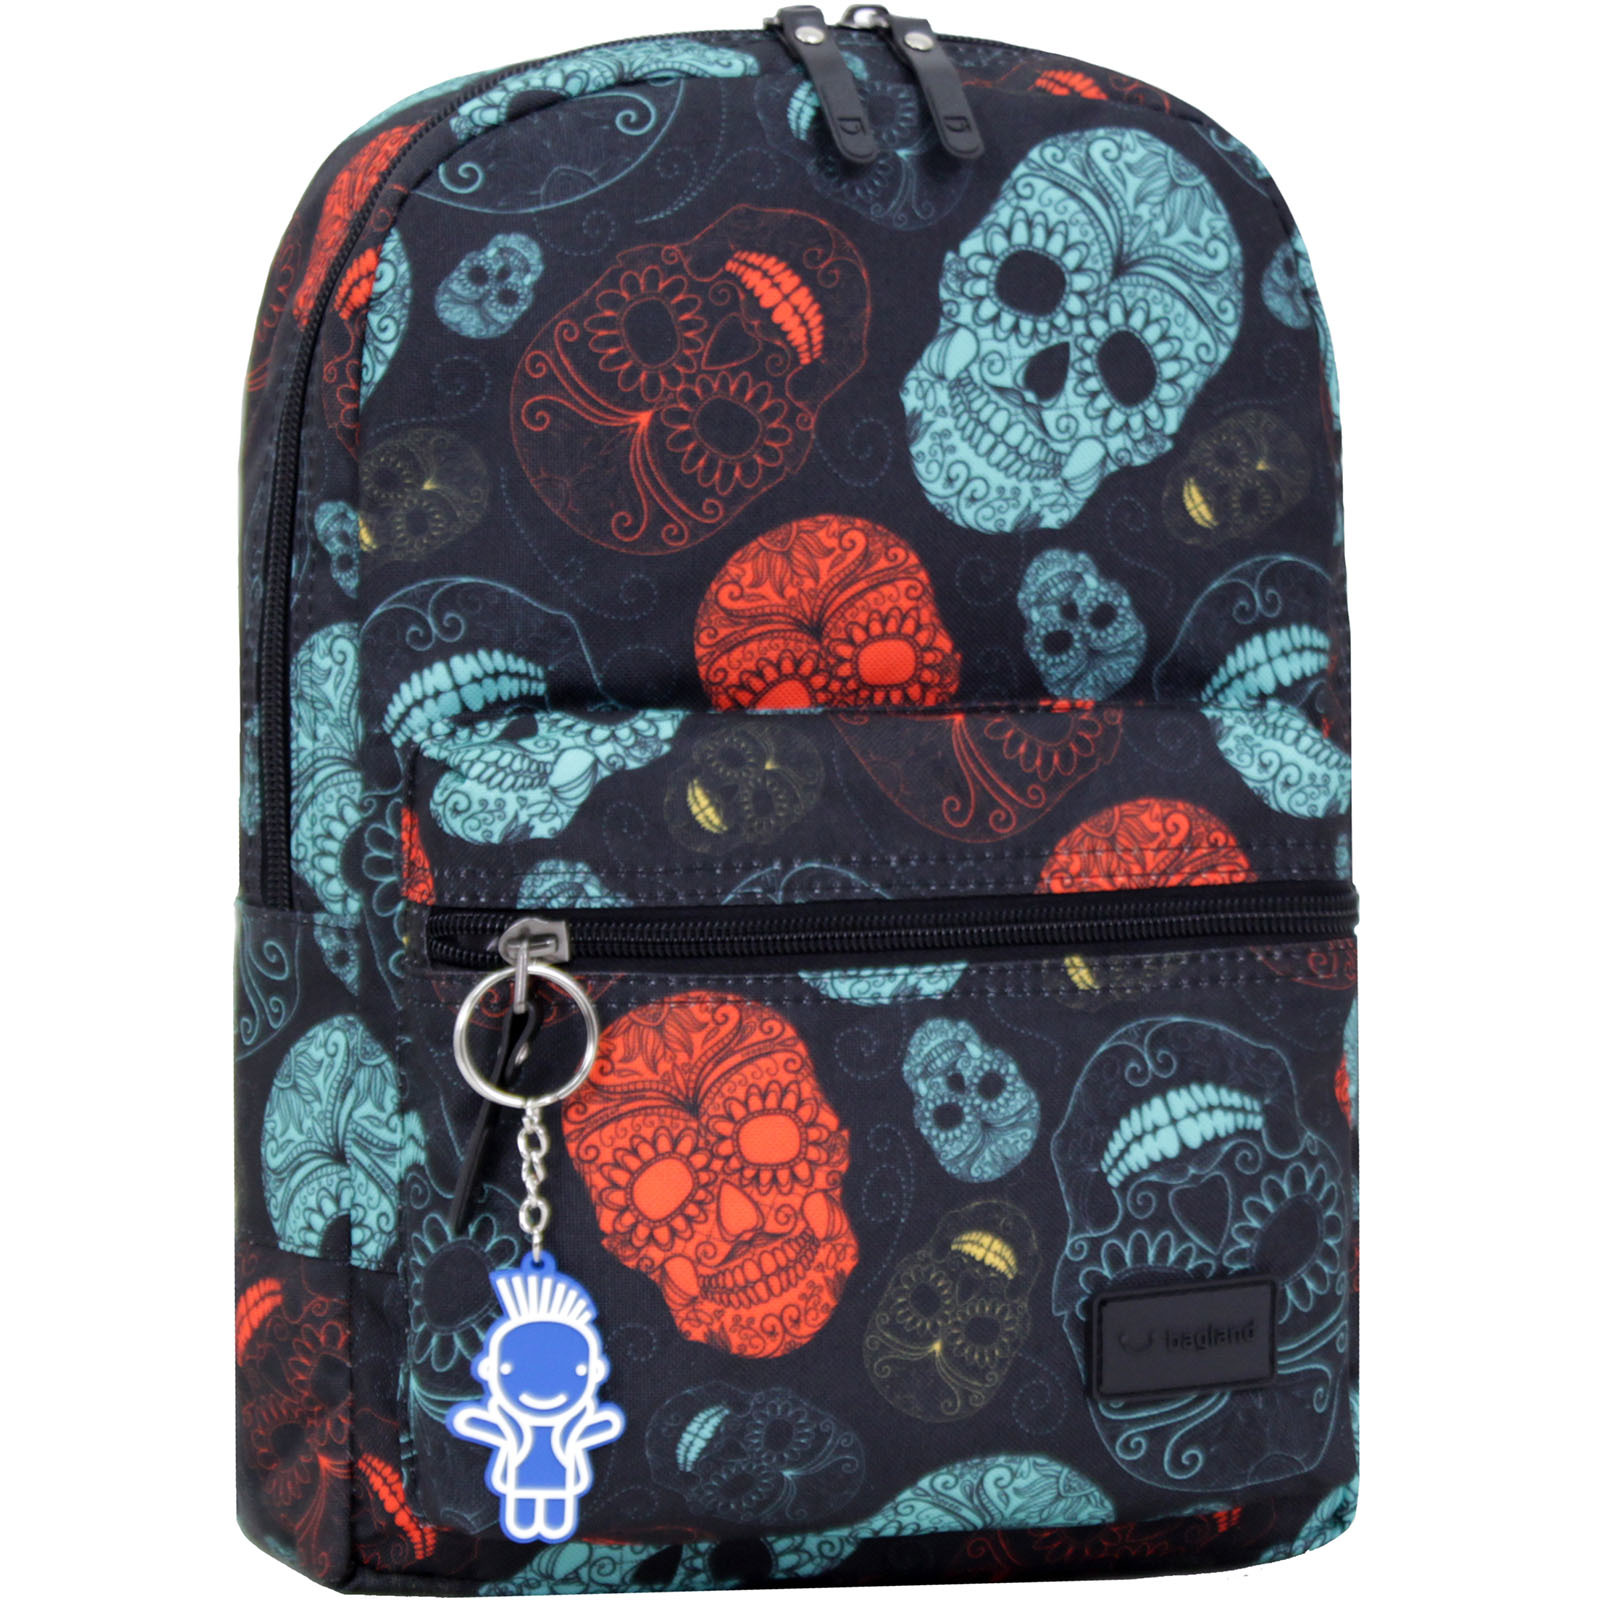 Детские рюкзаки Рюкзак Bagland Молодежный mini 8 л. сублимация (черепа) (00508664) IMG_0337_арт.106_.JPG